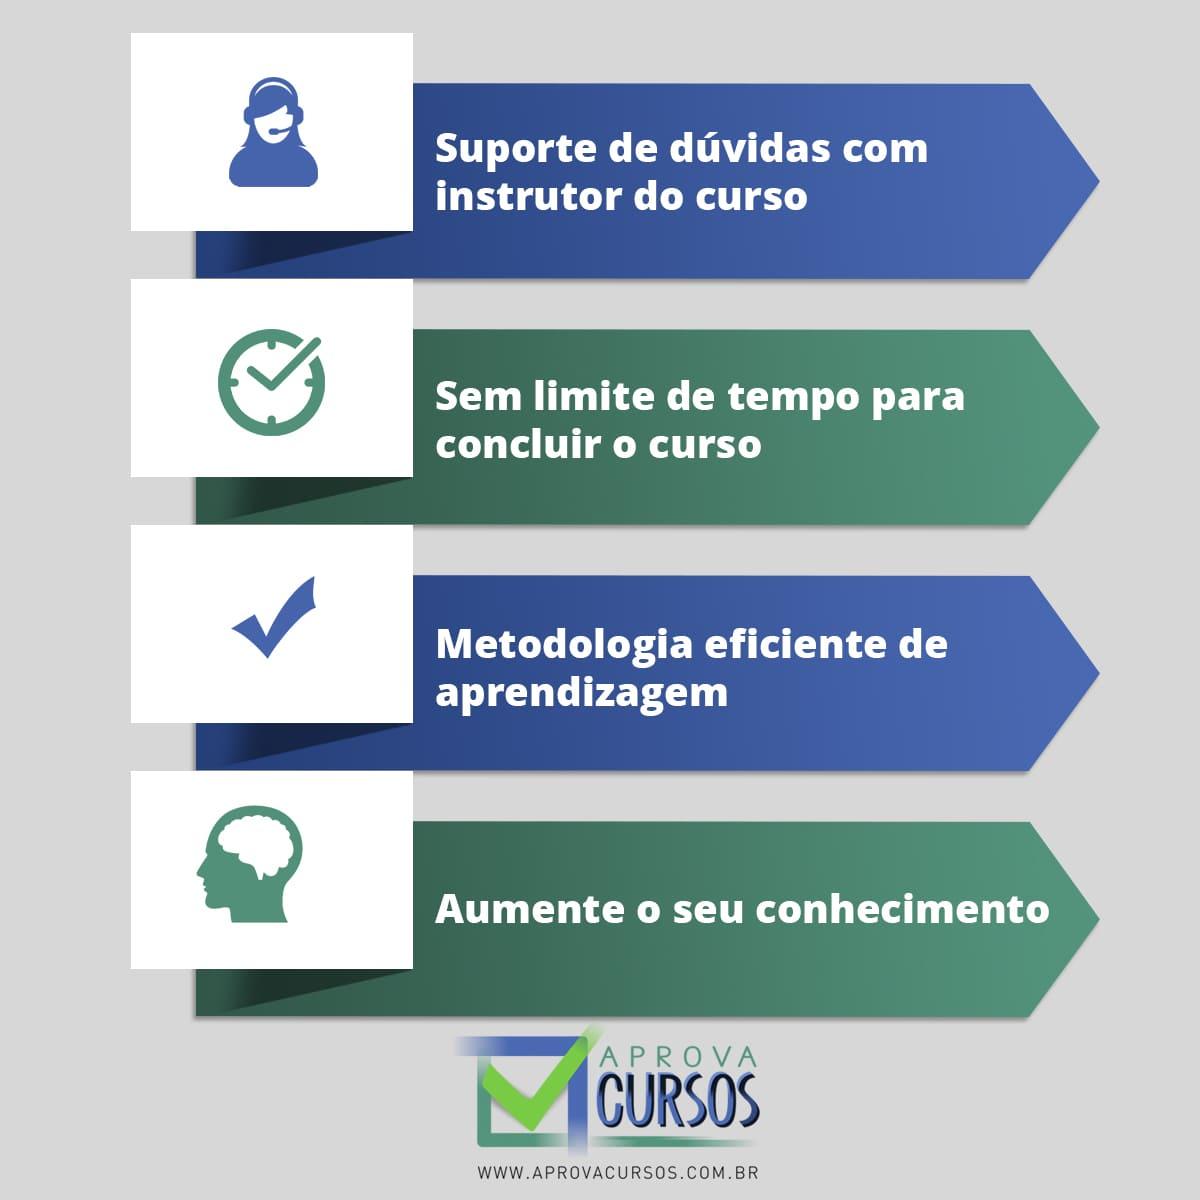 Curso Online de Departamento Pessoal com Certificado  - Aprova Cursos